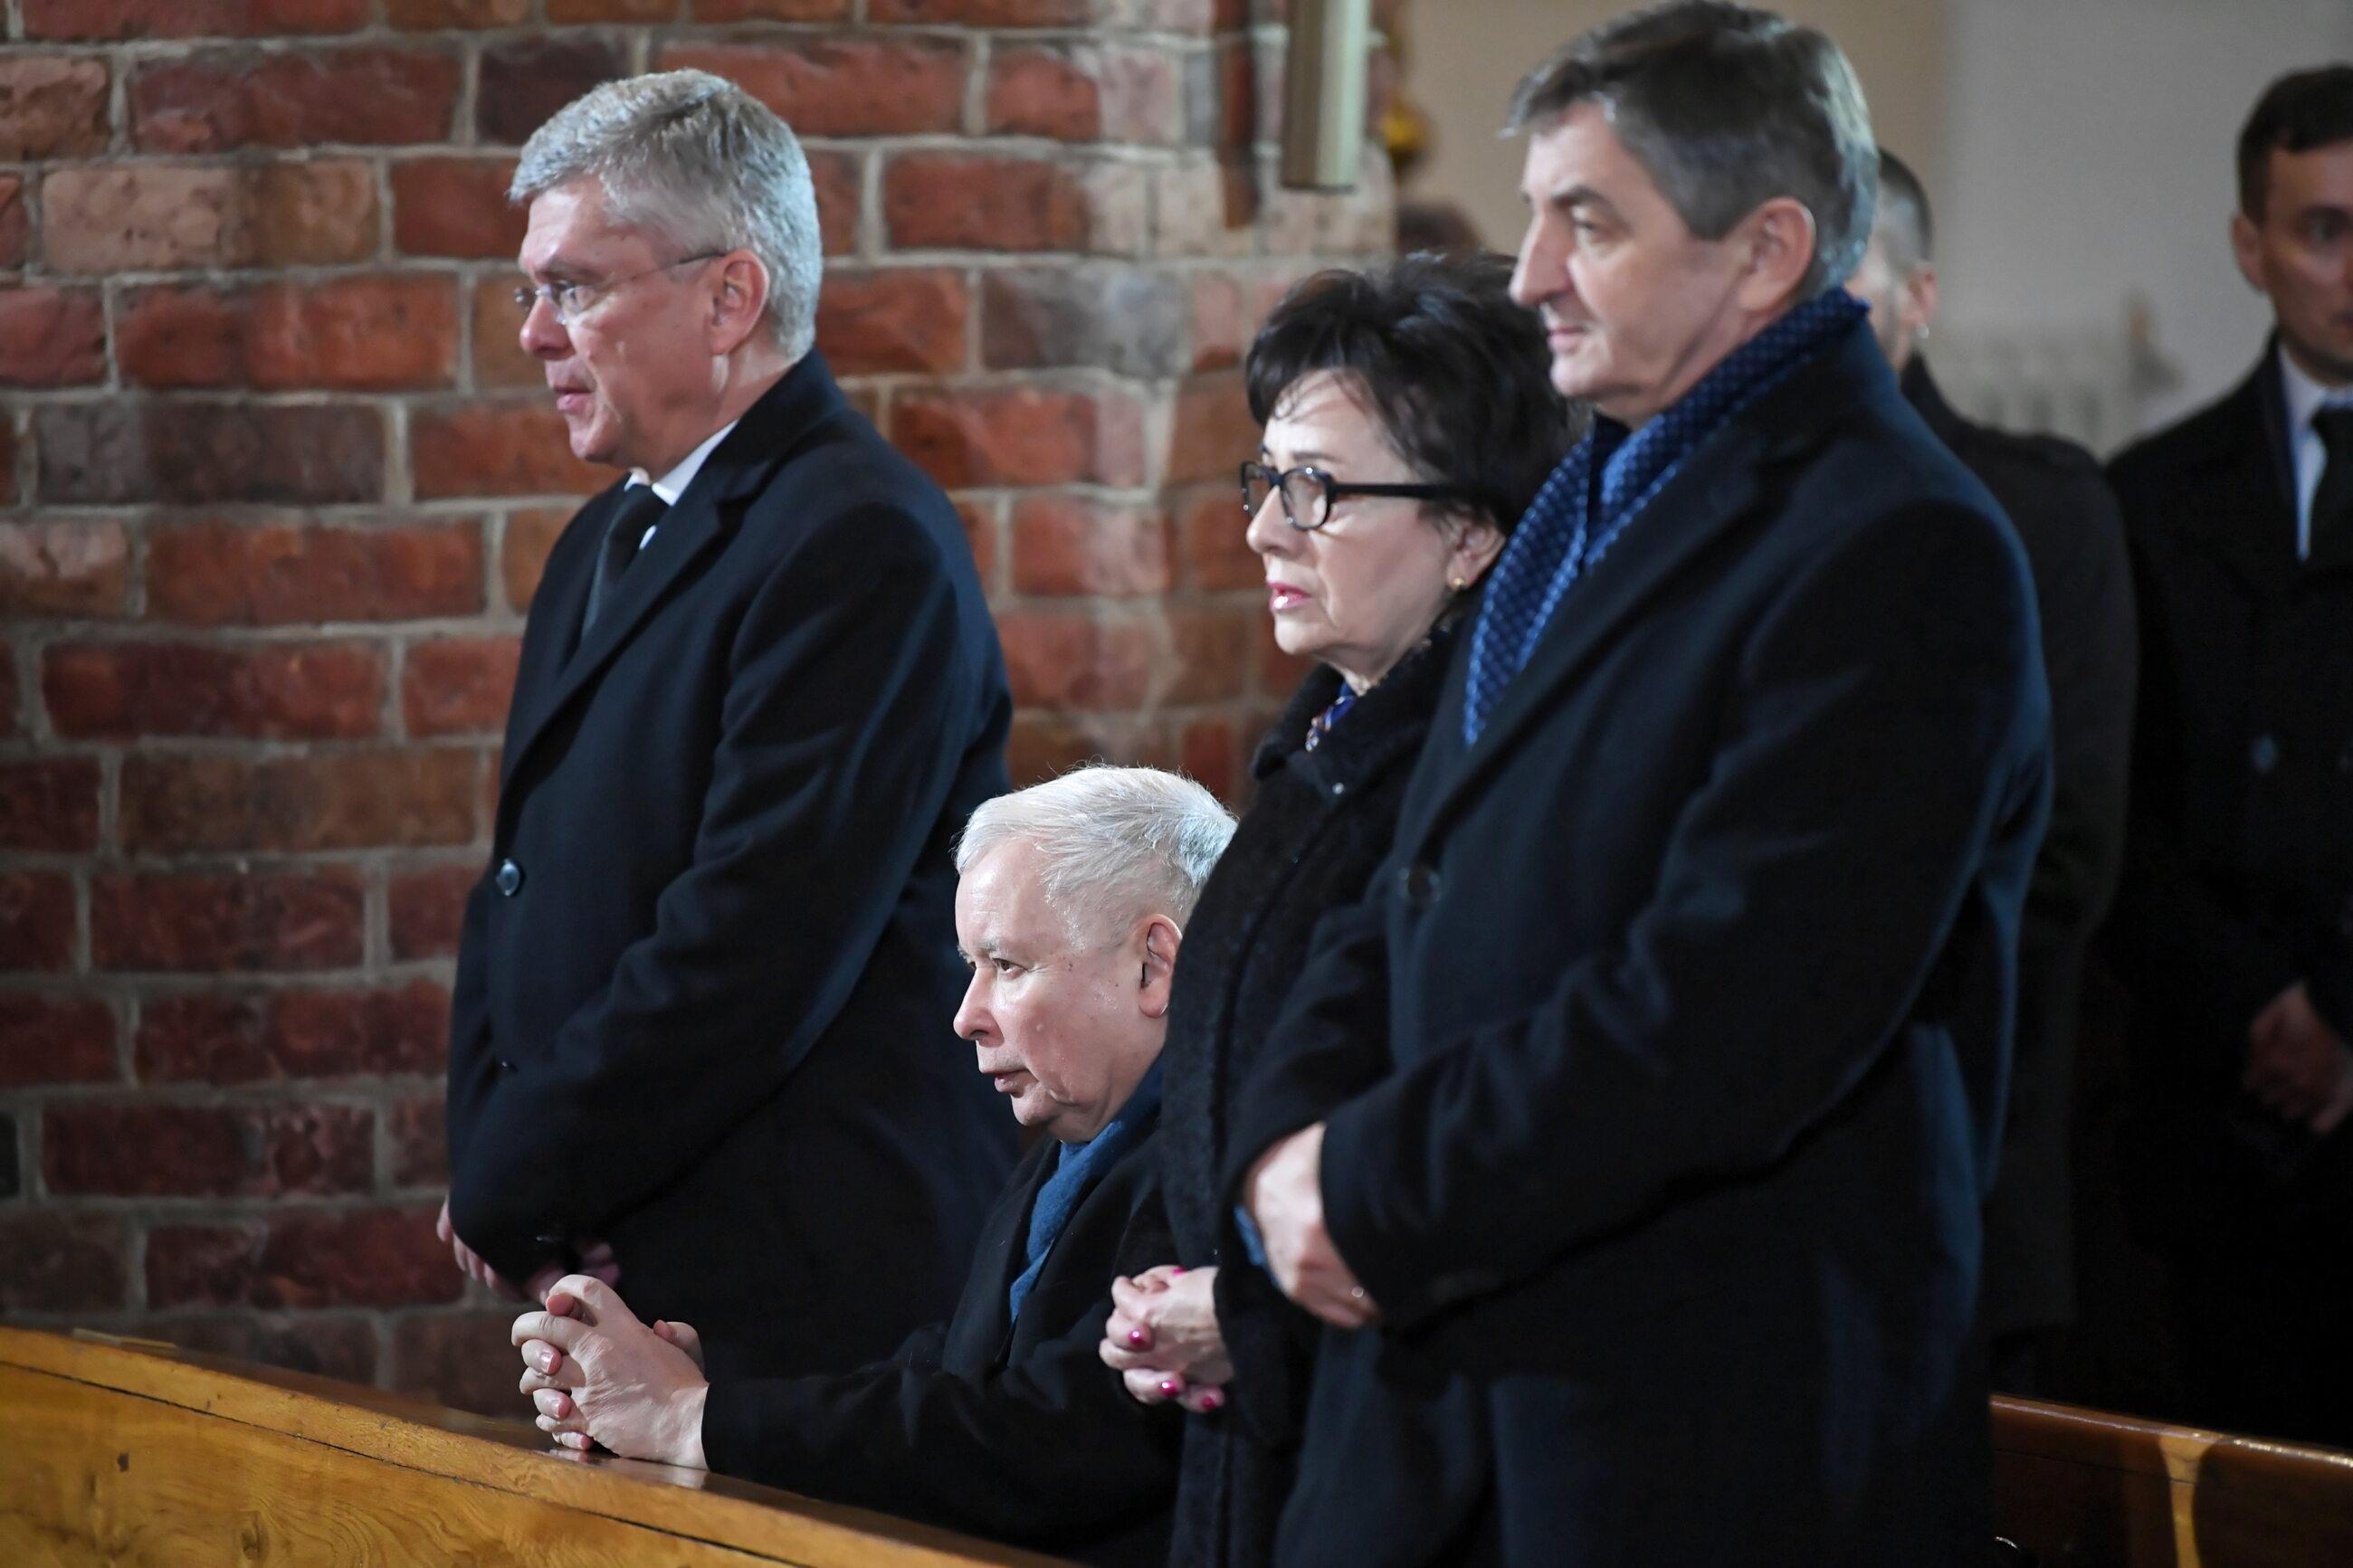 Jarosław Kaczyński, Stanisław Karczewski, Marek Kuchciński, Elżbieta Witek